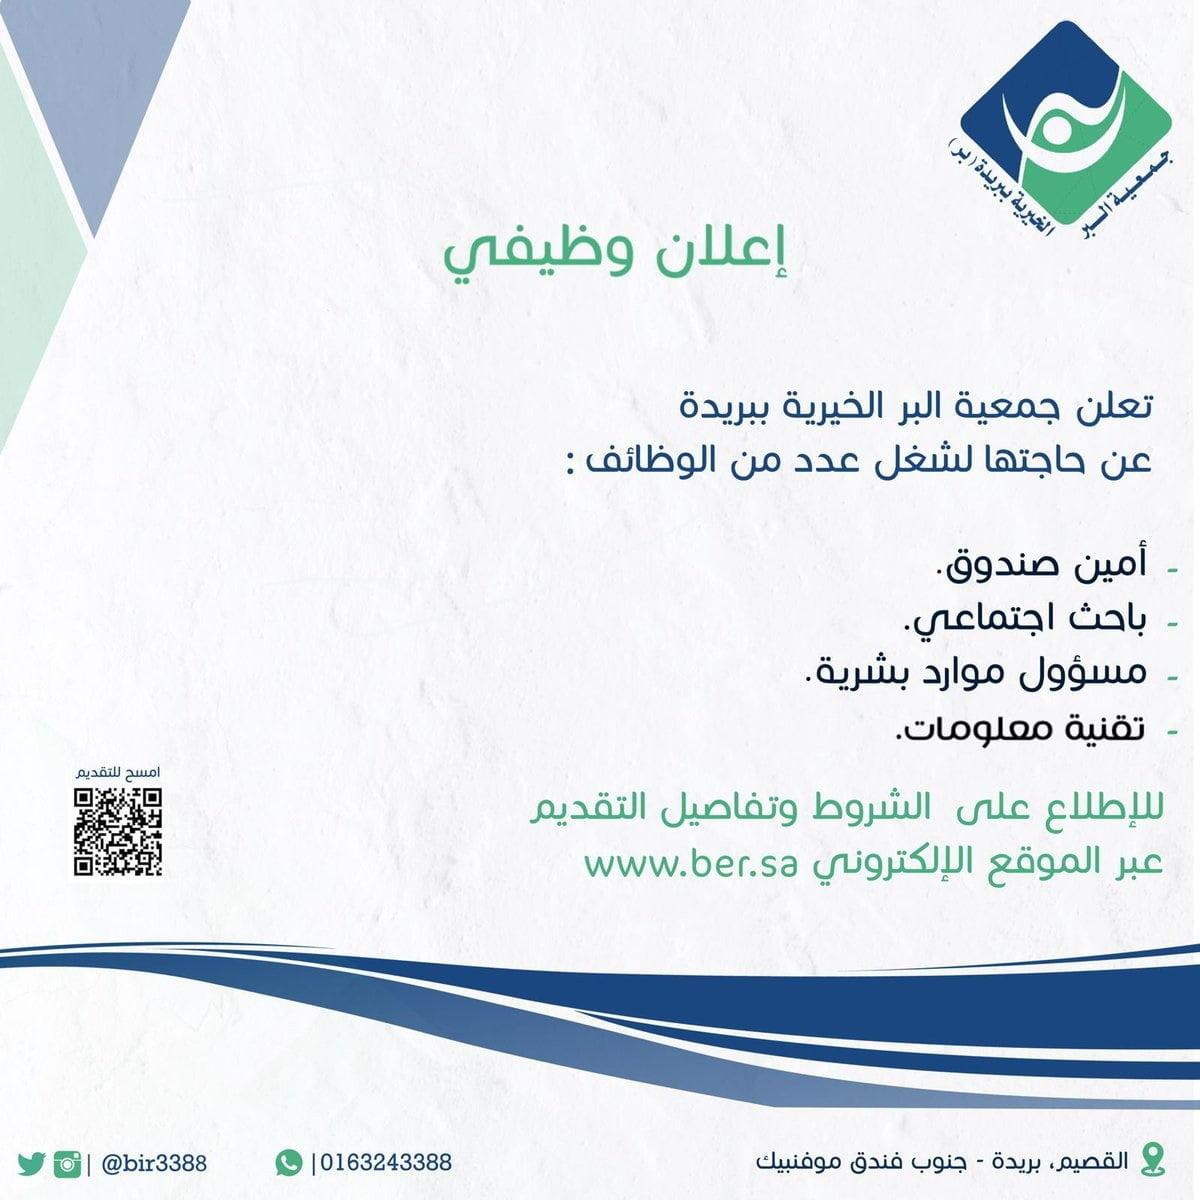 وظائف إدارية وتقنية واجتماعية لحملة الدبلوم فأعلى لدى جمعية البر الخيرية ببريدة 3